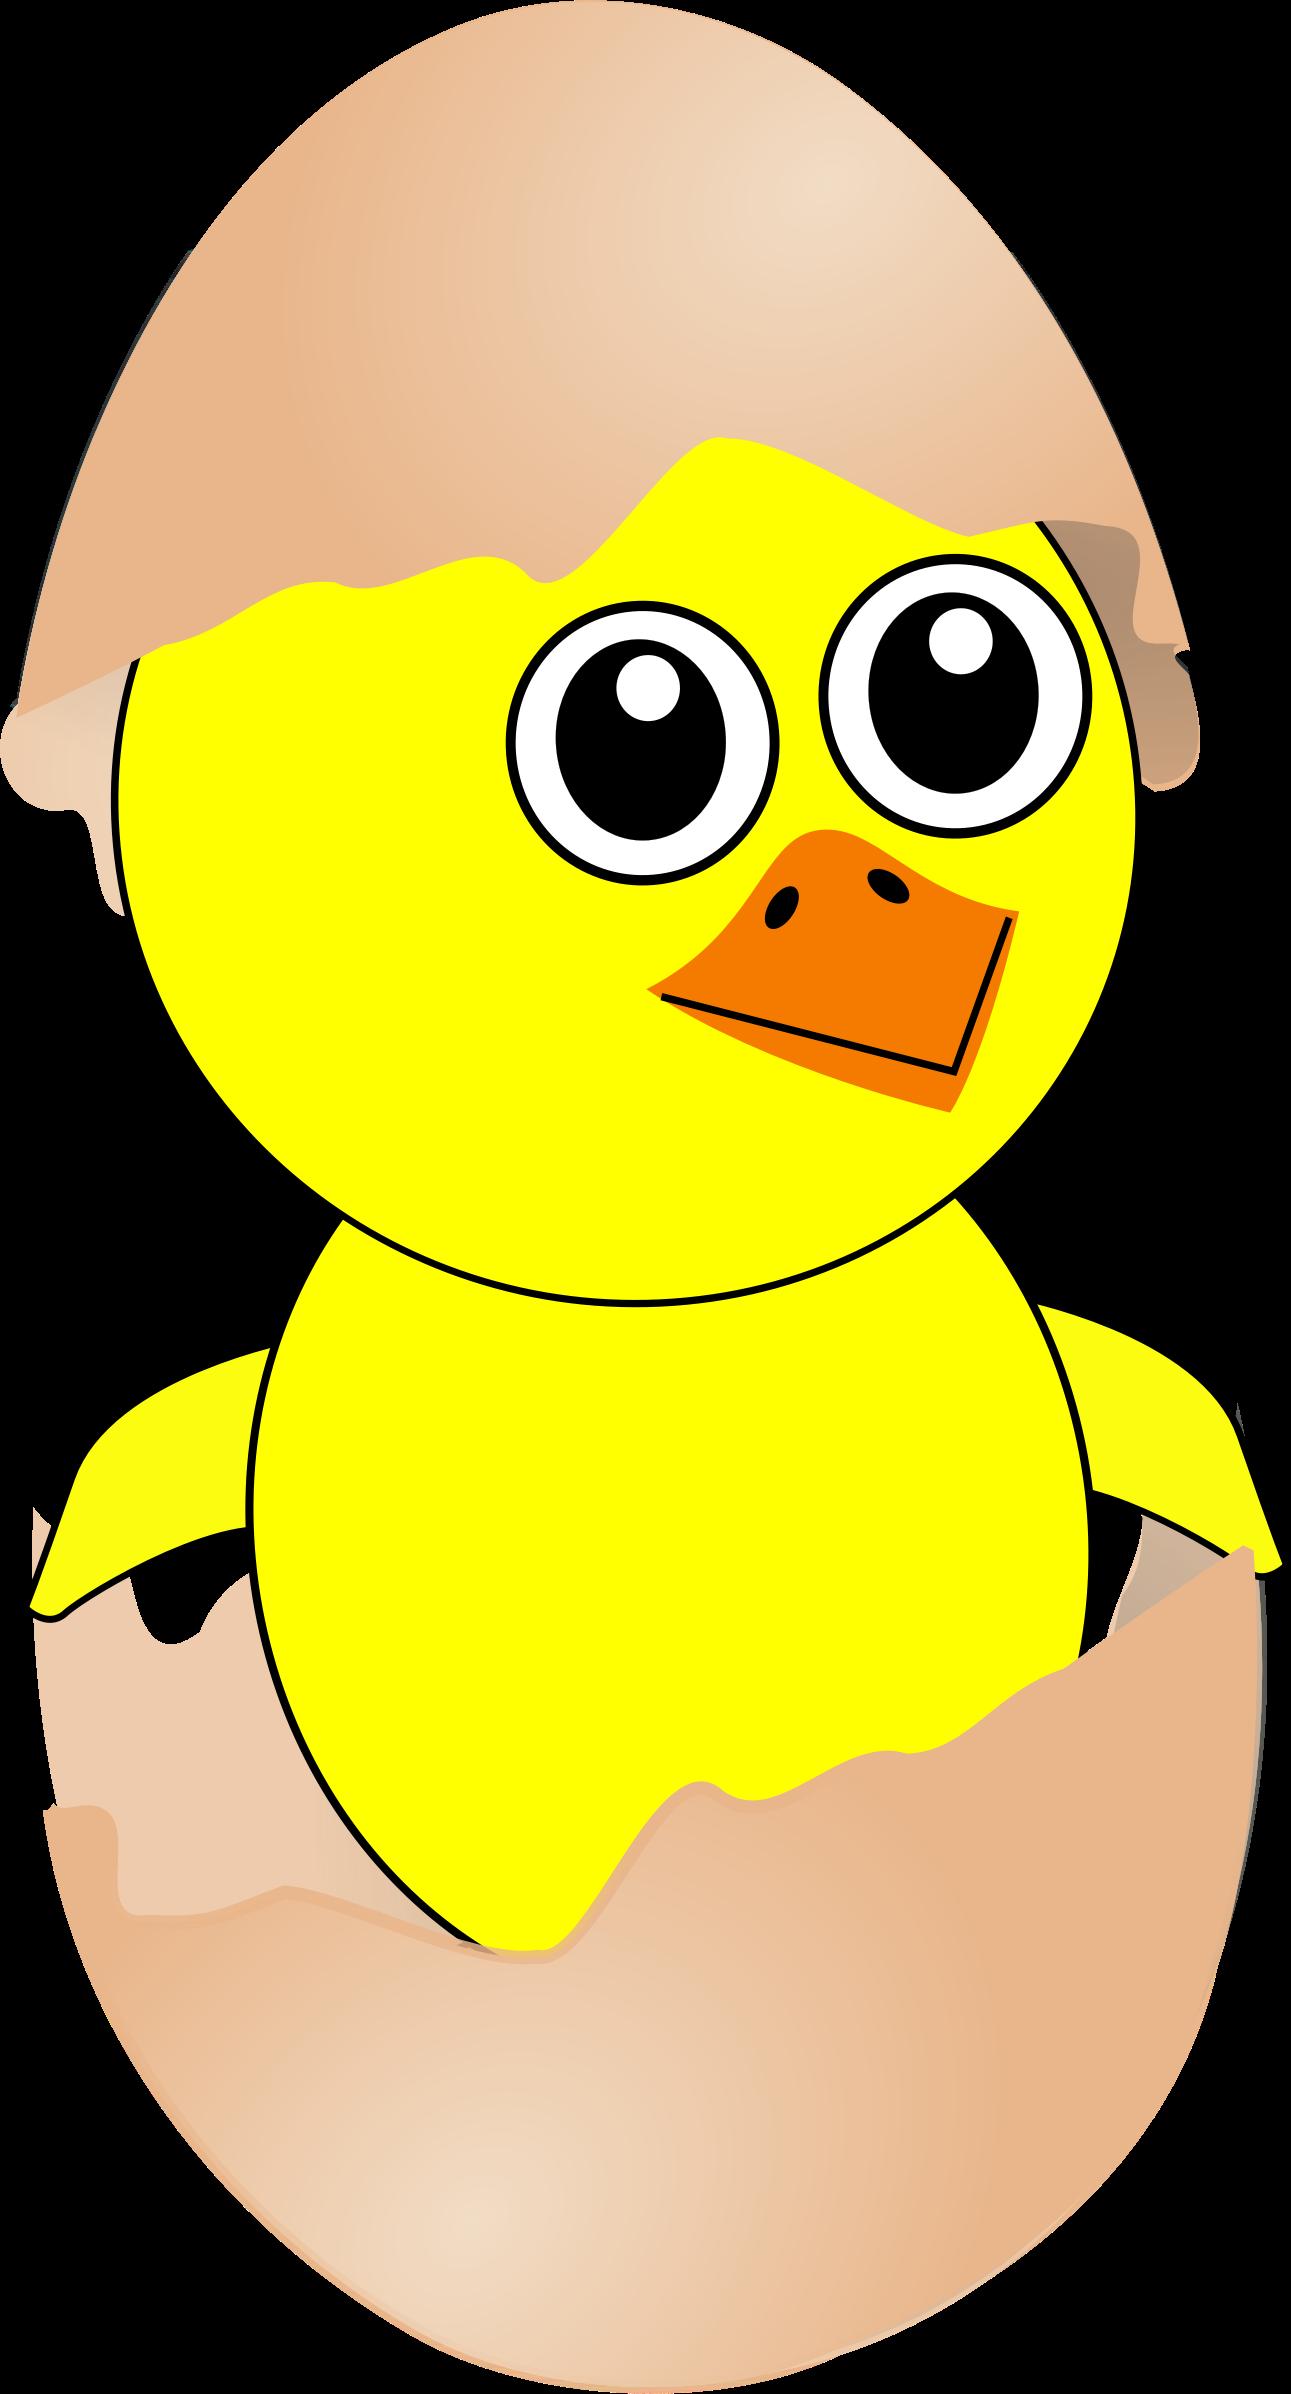 Clip art vectors download. Chick clipart vector